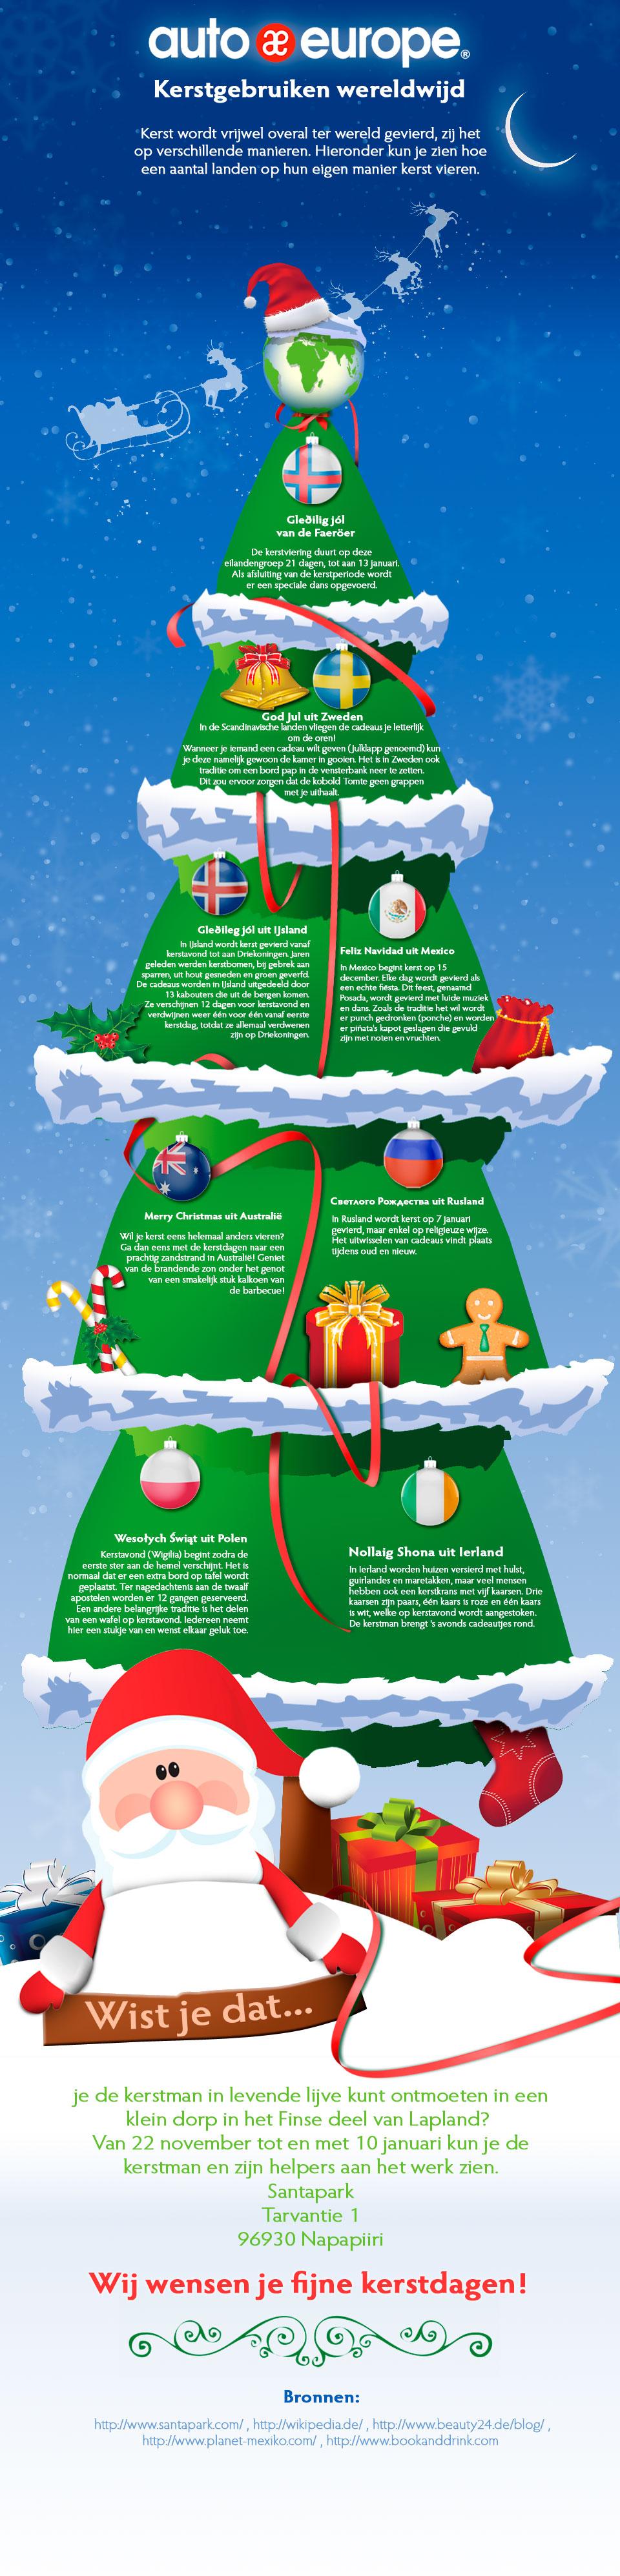 Wereldwijde kerstgebruiken